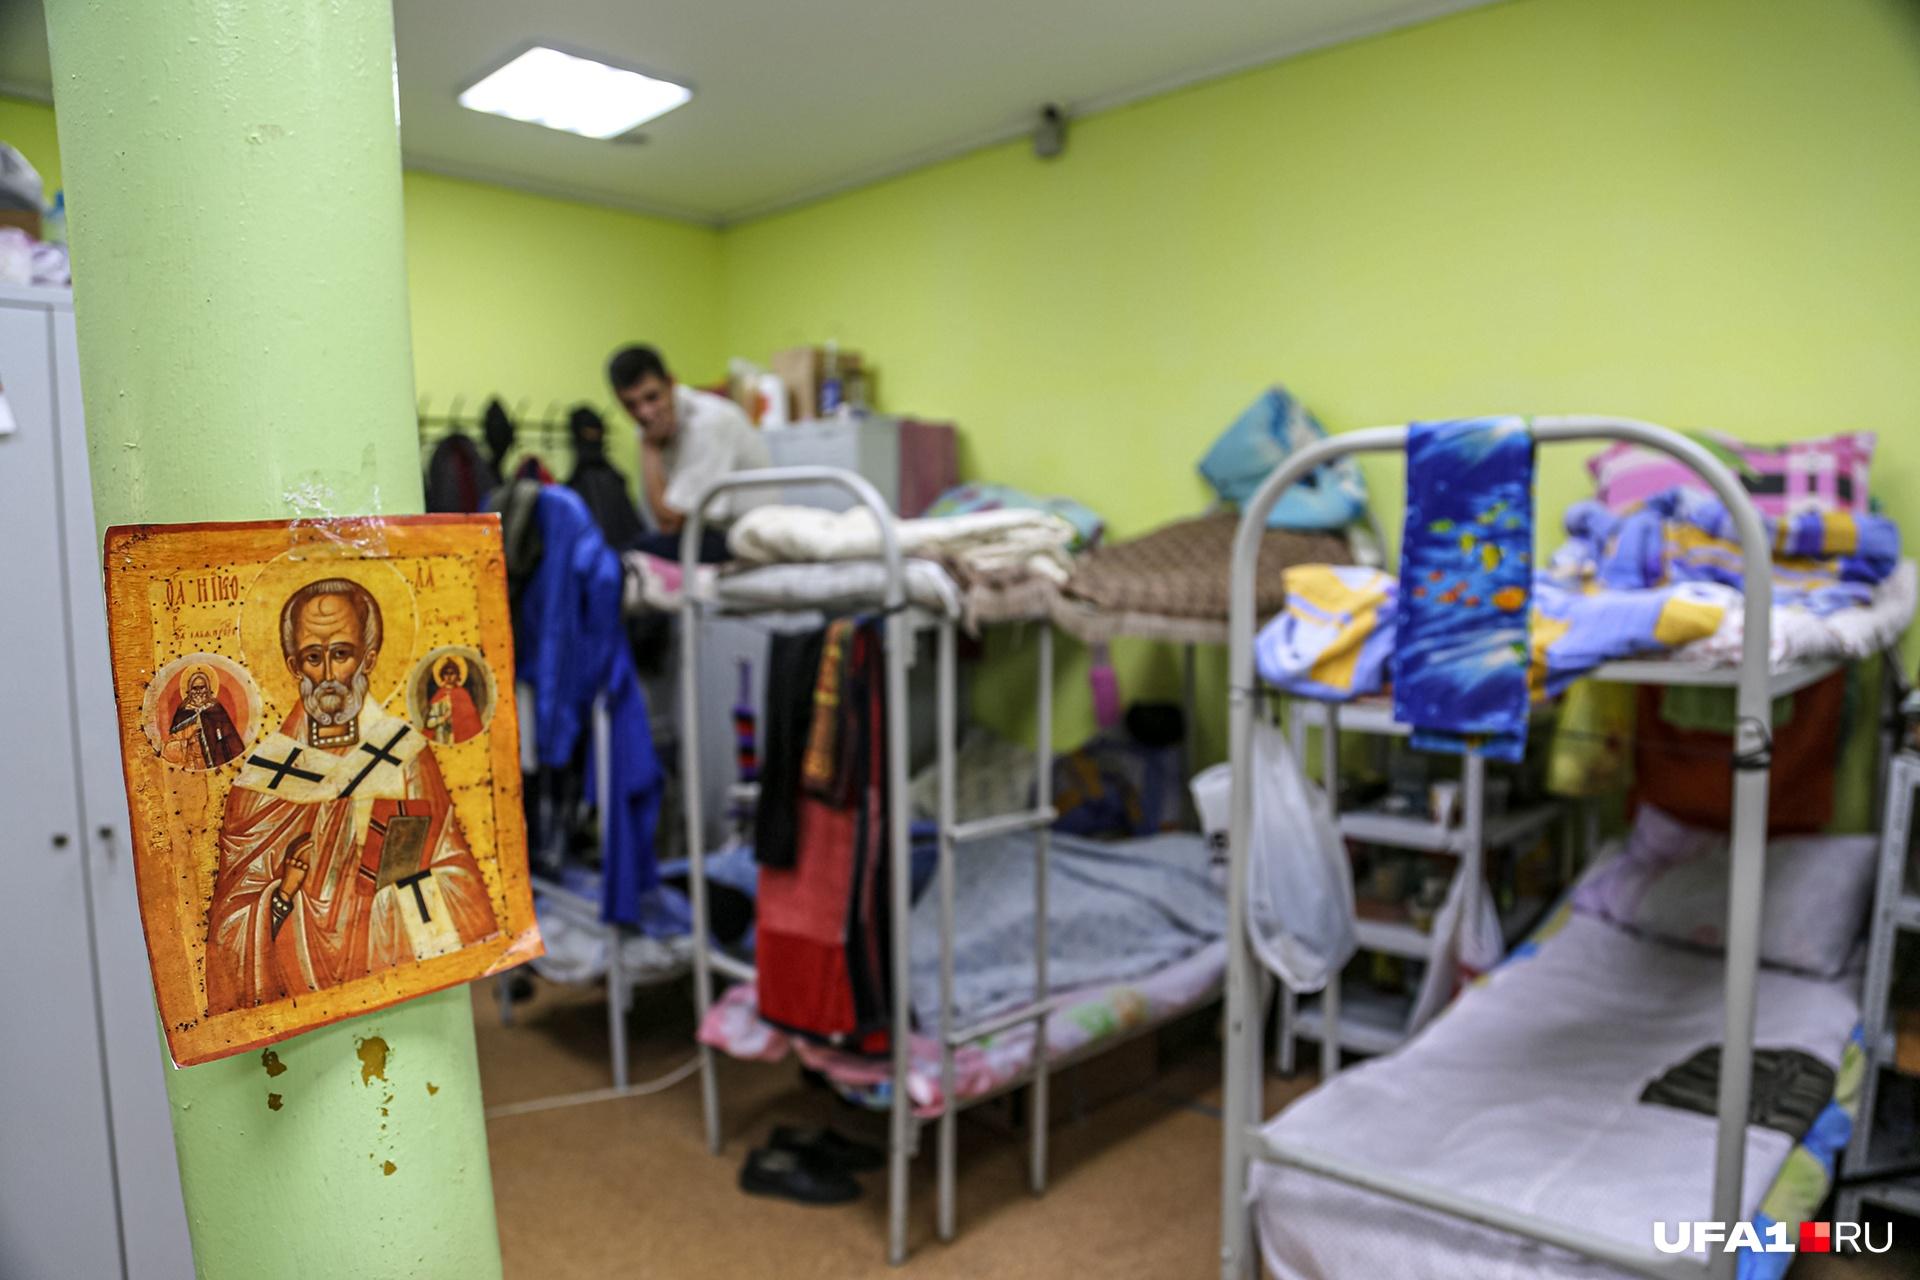 В церковном приюте бездомные живут в таких условиях